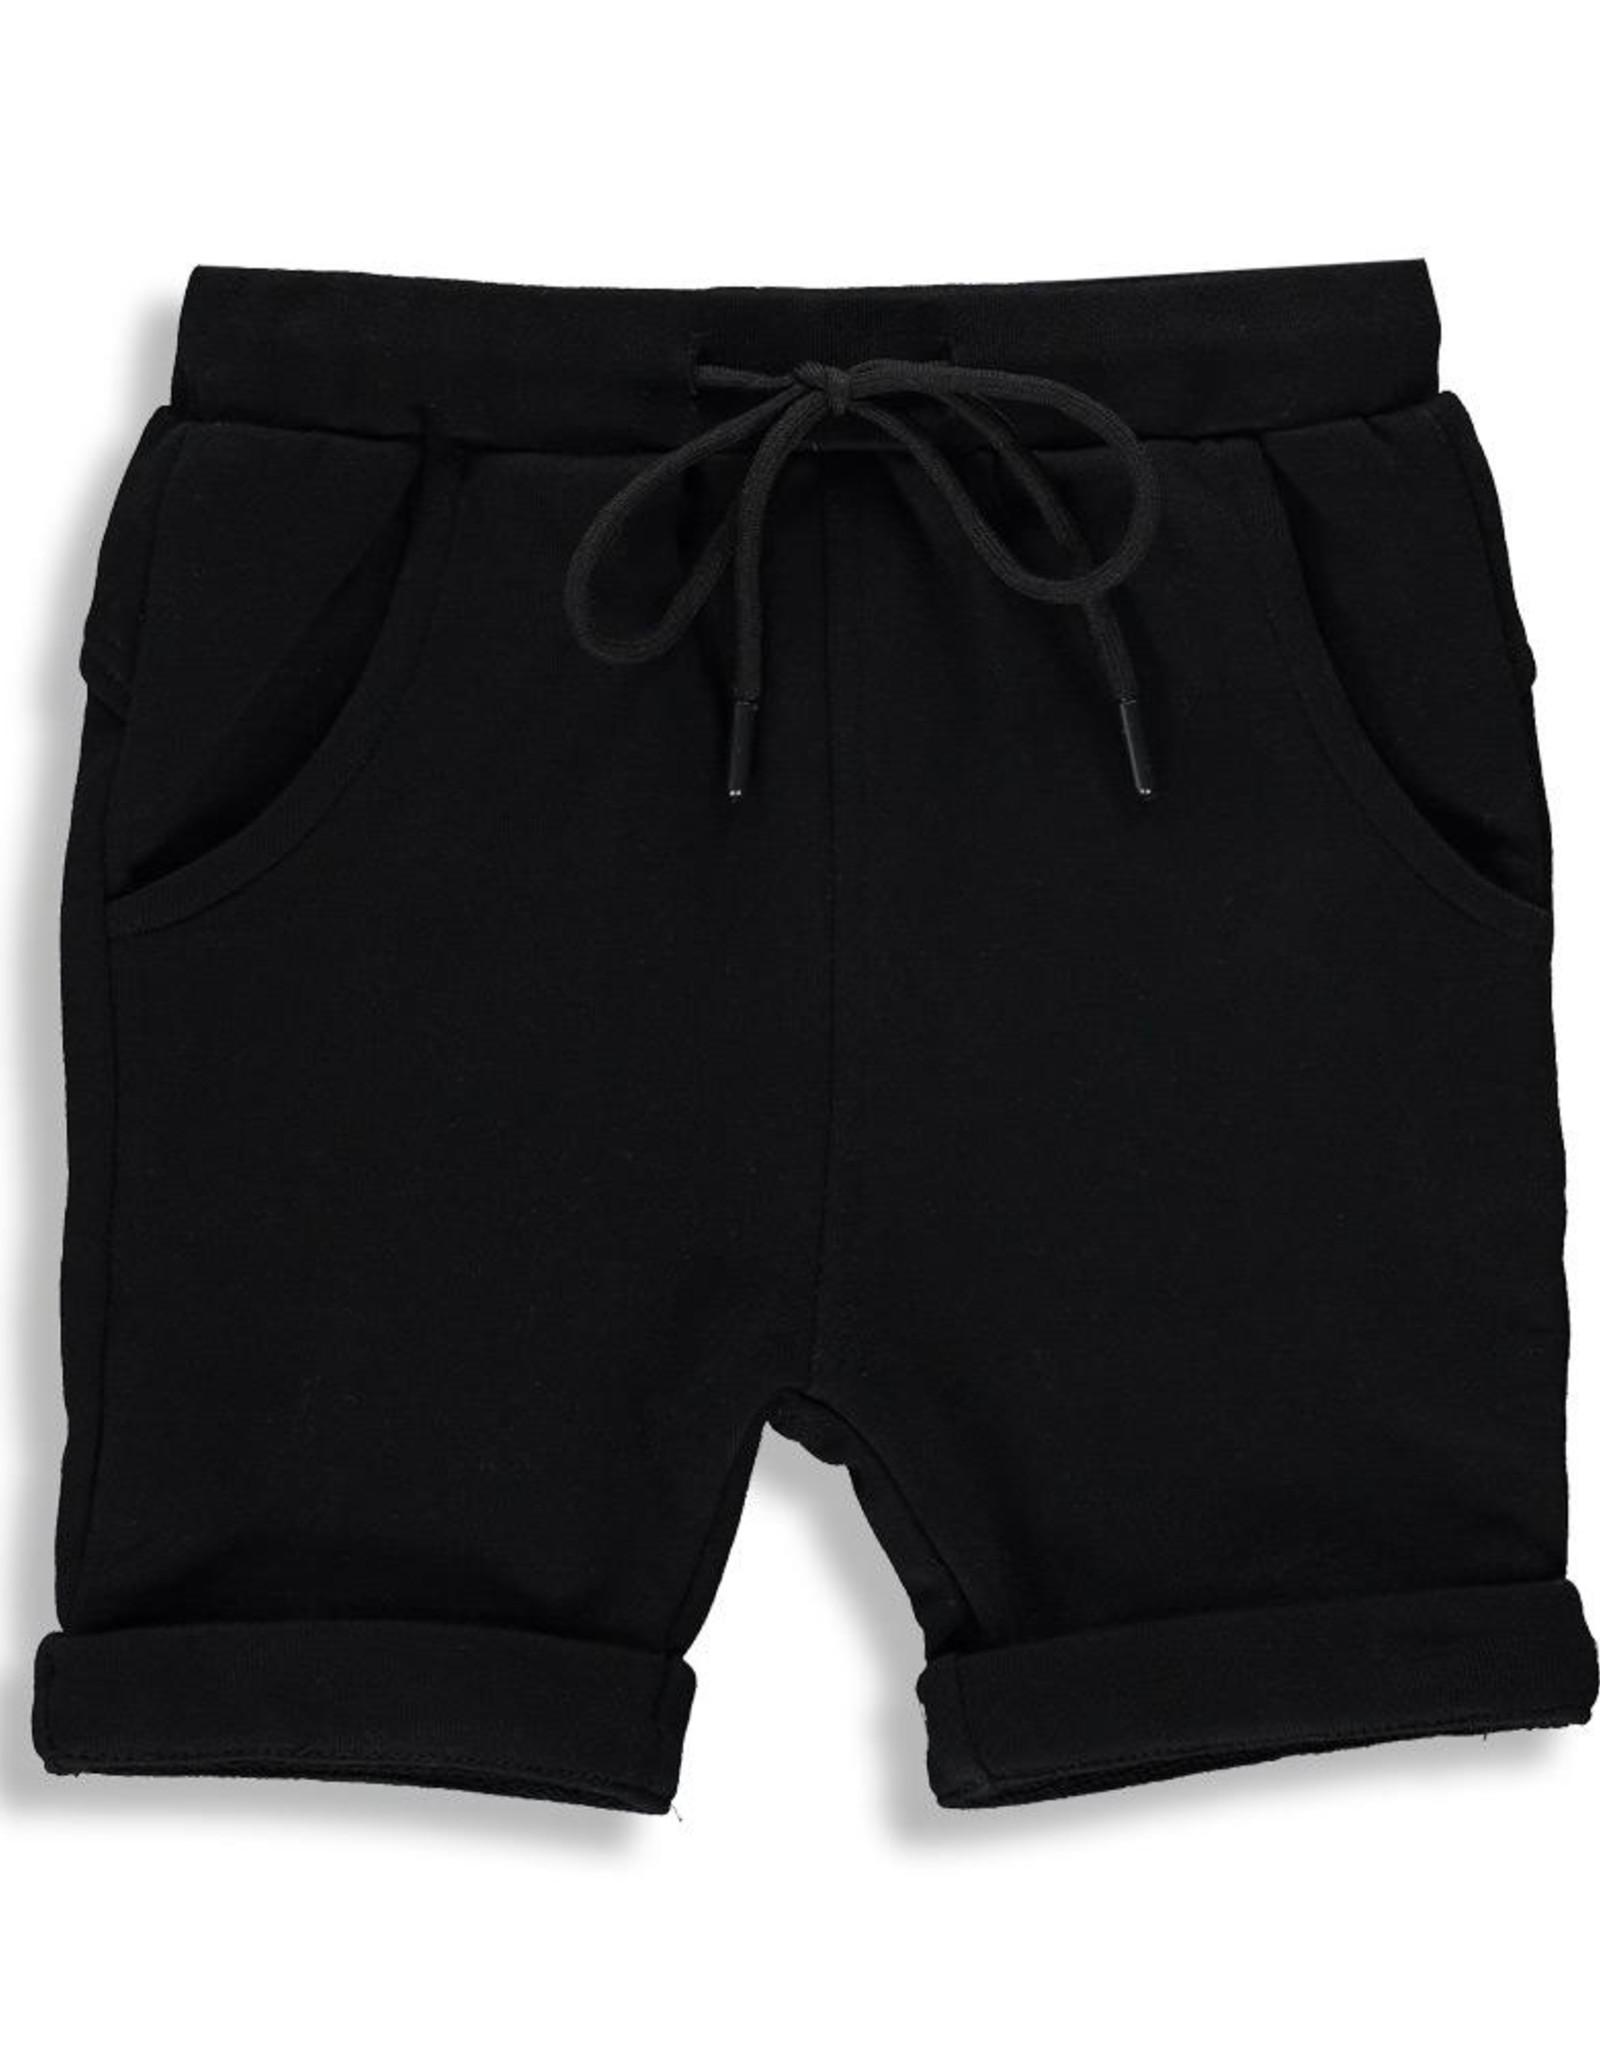 Birdz Long Shorts - Black